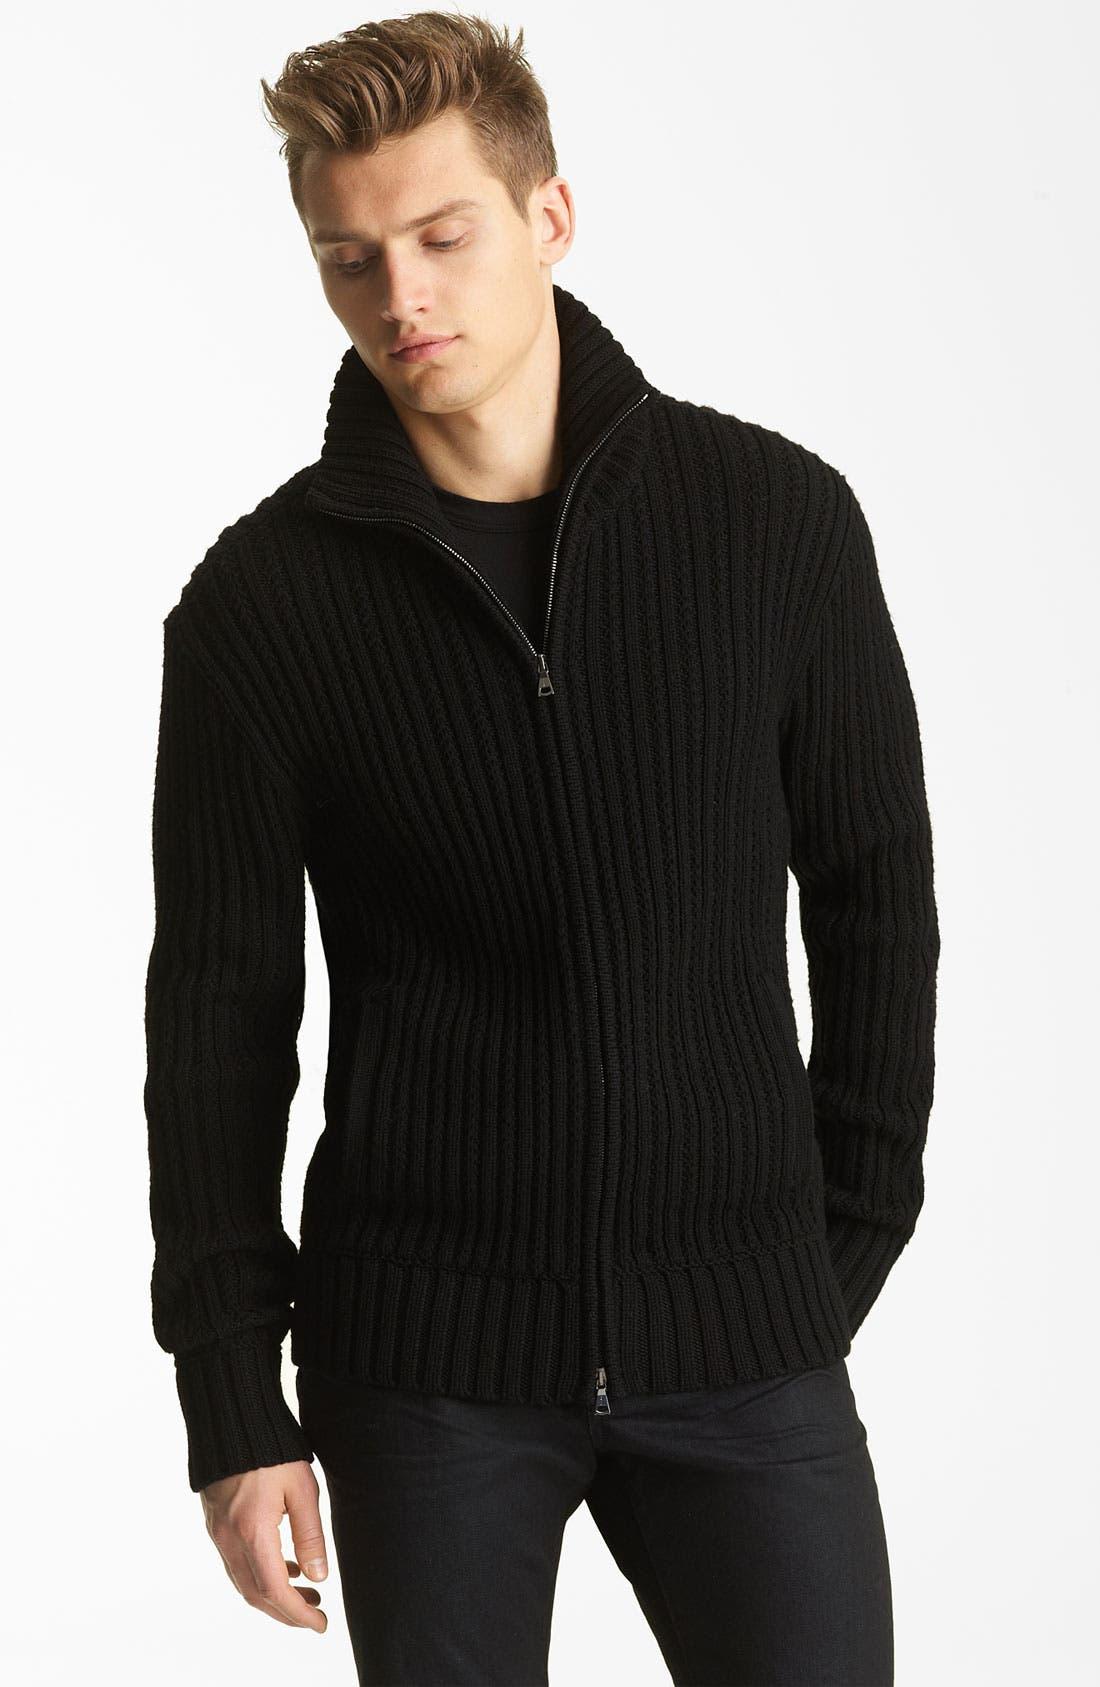 Main Image - John Varvatos Collection Zip Knit Sweater